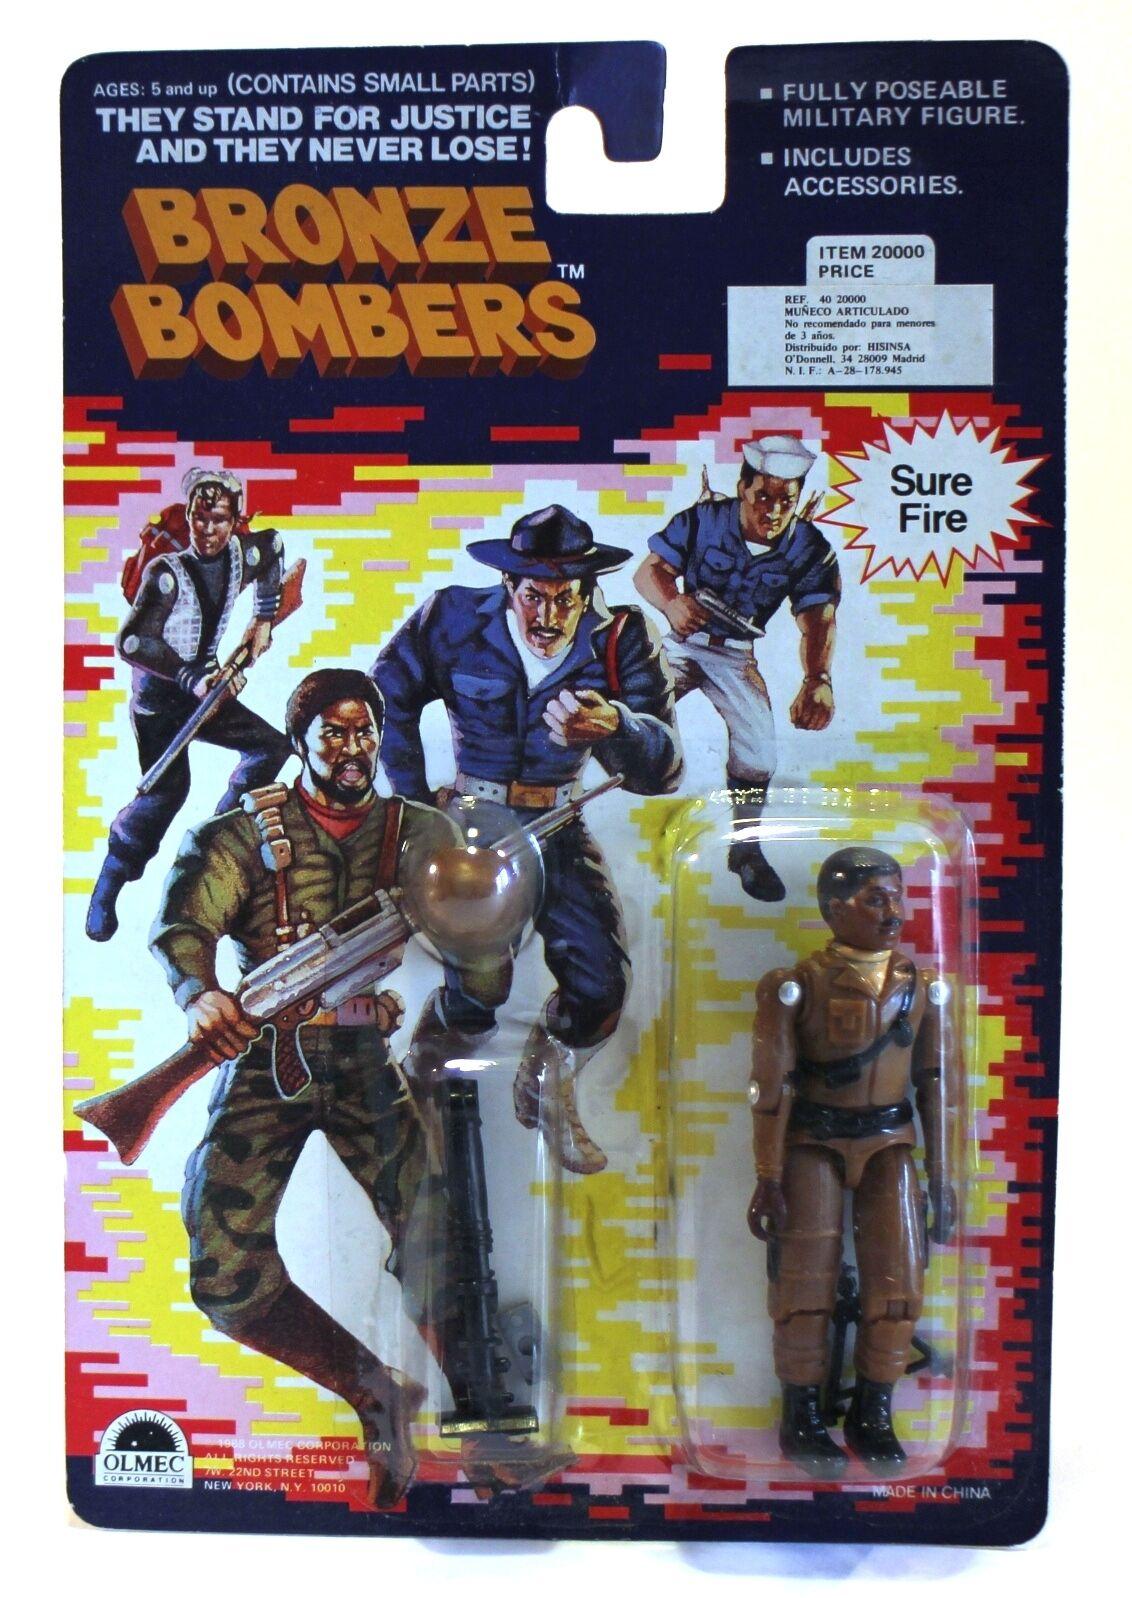 1988 1988 1988 Olmec Corporation Bronze Bombers 3.75